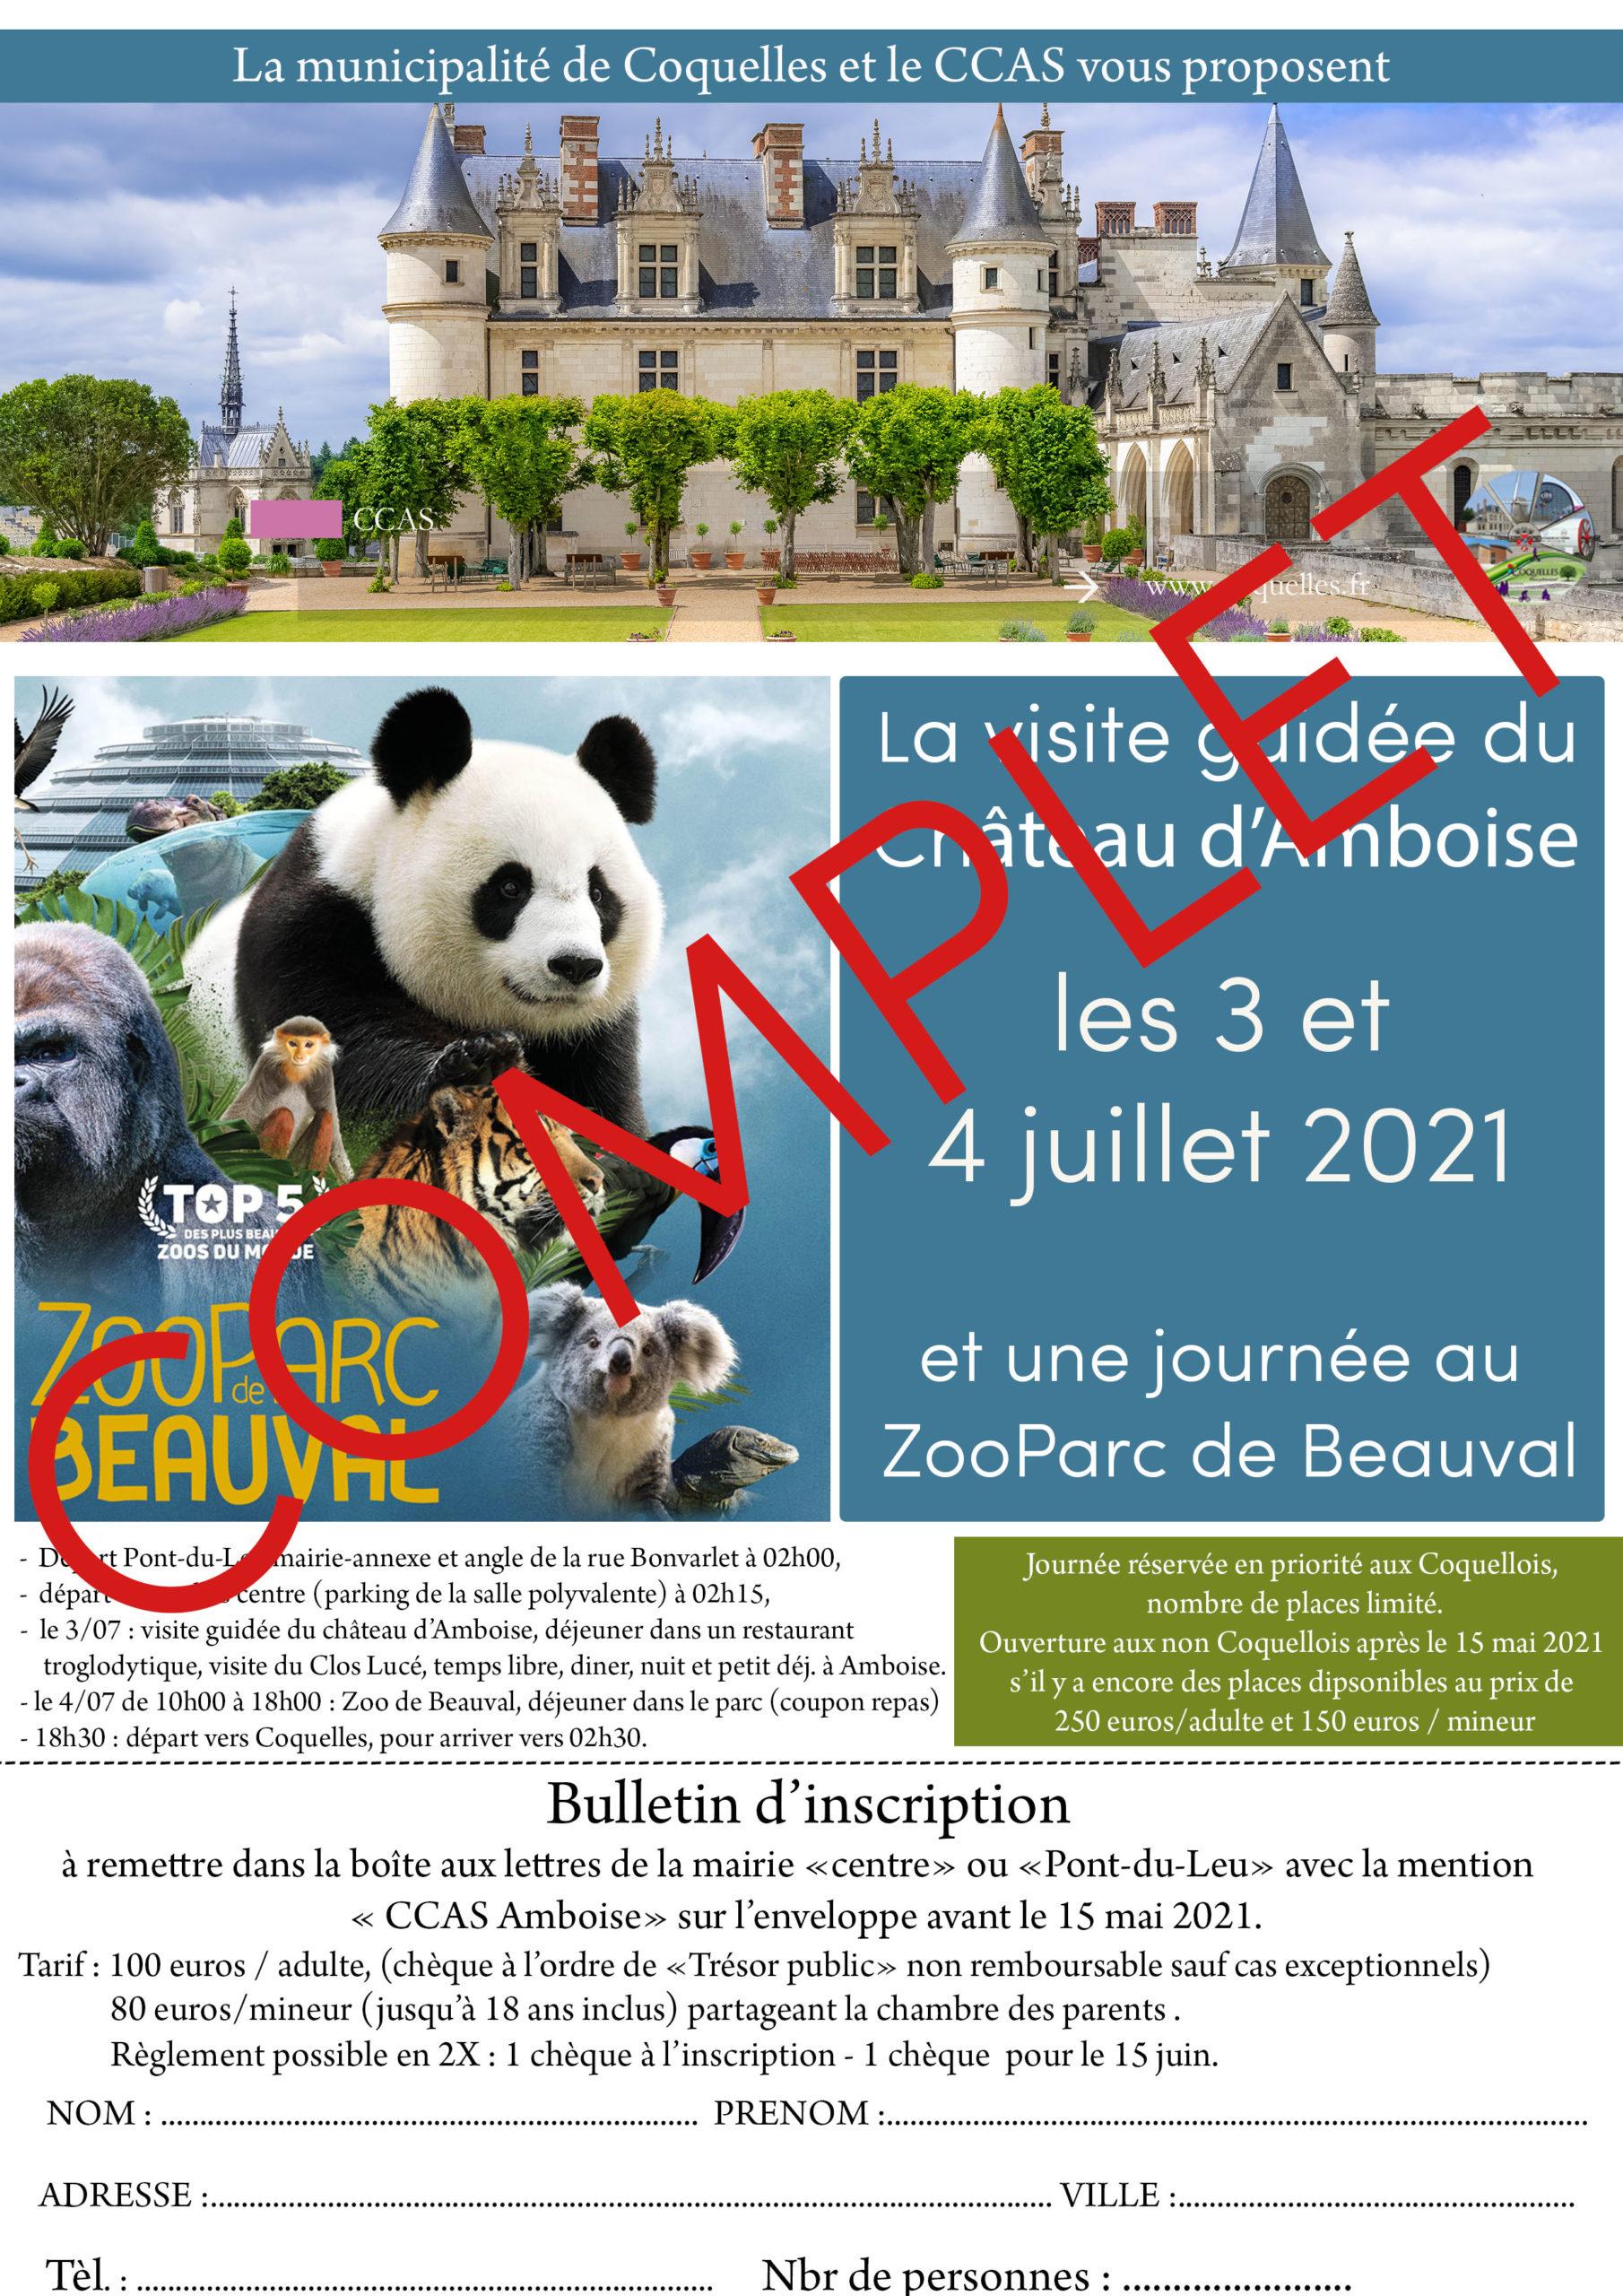 Château d'auboise et zoo de Beauval